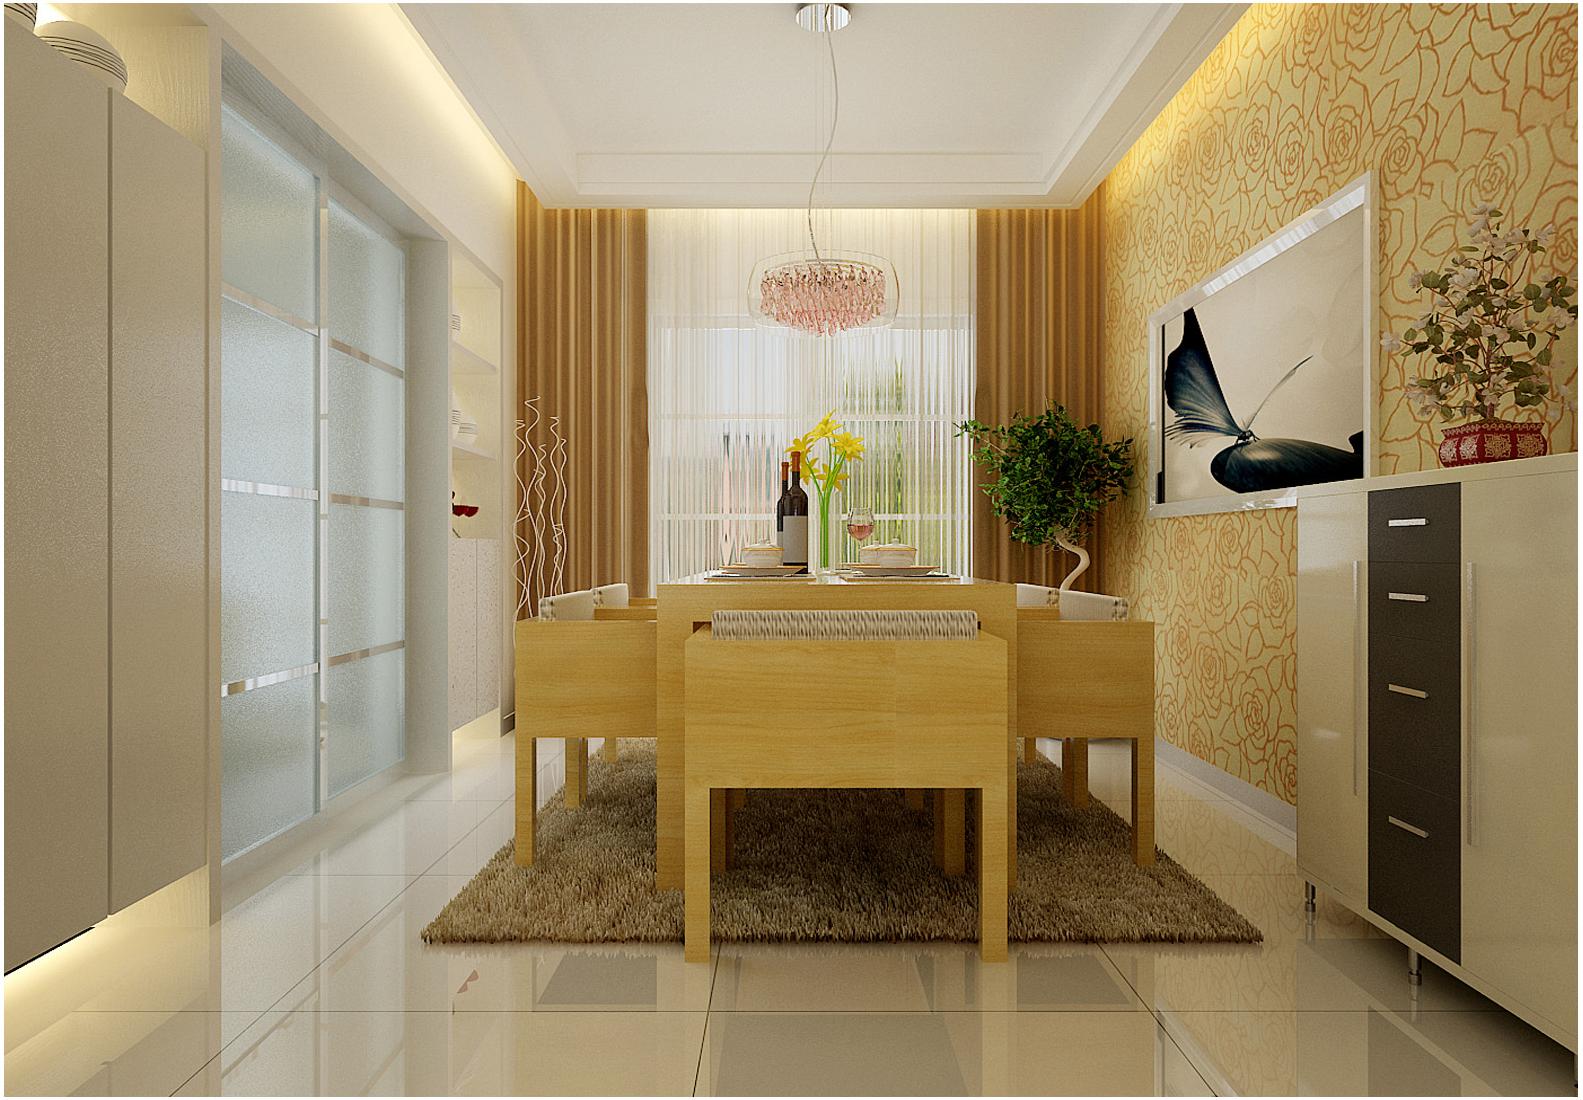 大观国际 现代简约 两居 餐厅图片来自郑州实创装饰啊静在大观国际现代简约两居的分享